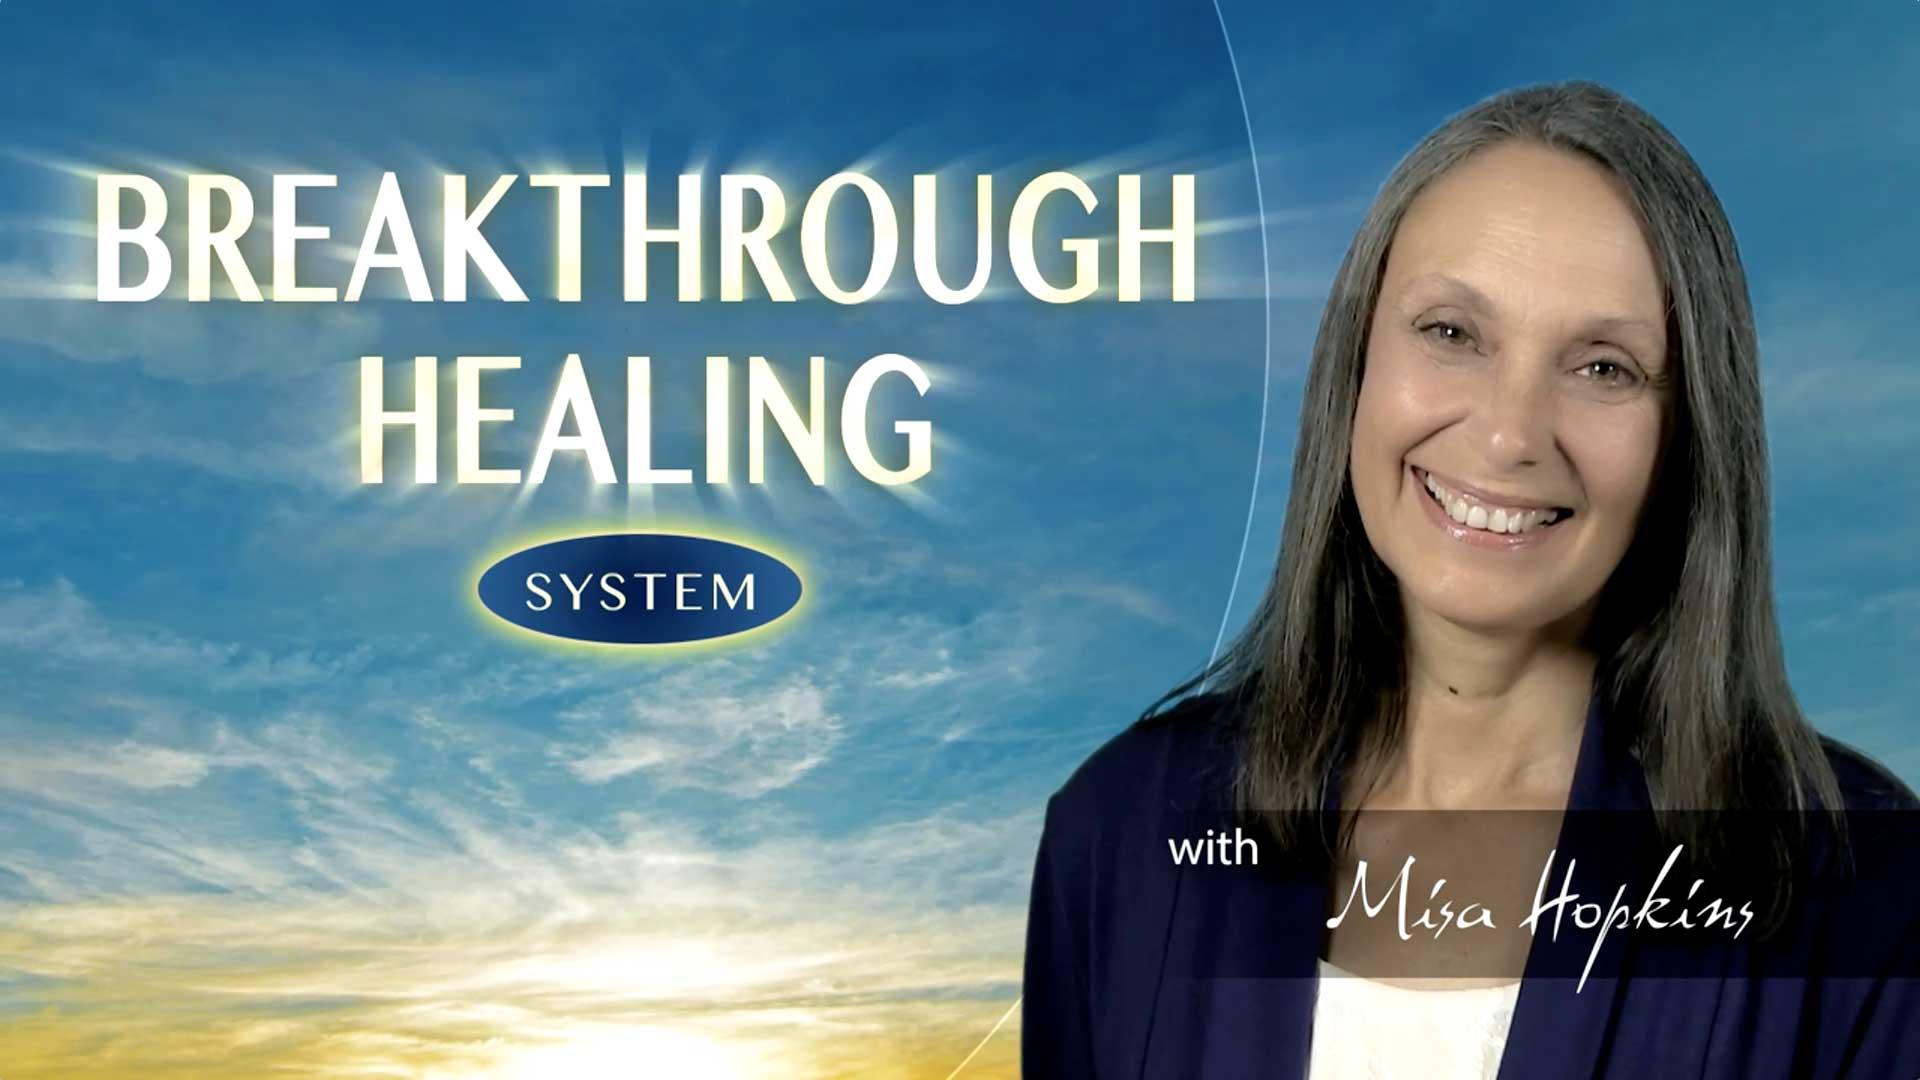 Breathrough-Healing-System-still-@1080